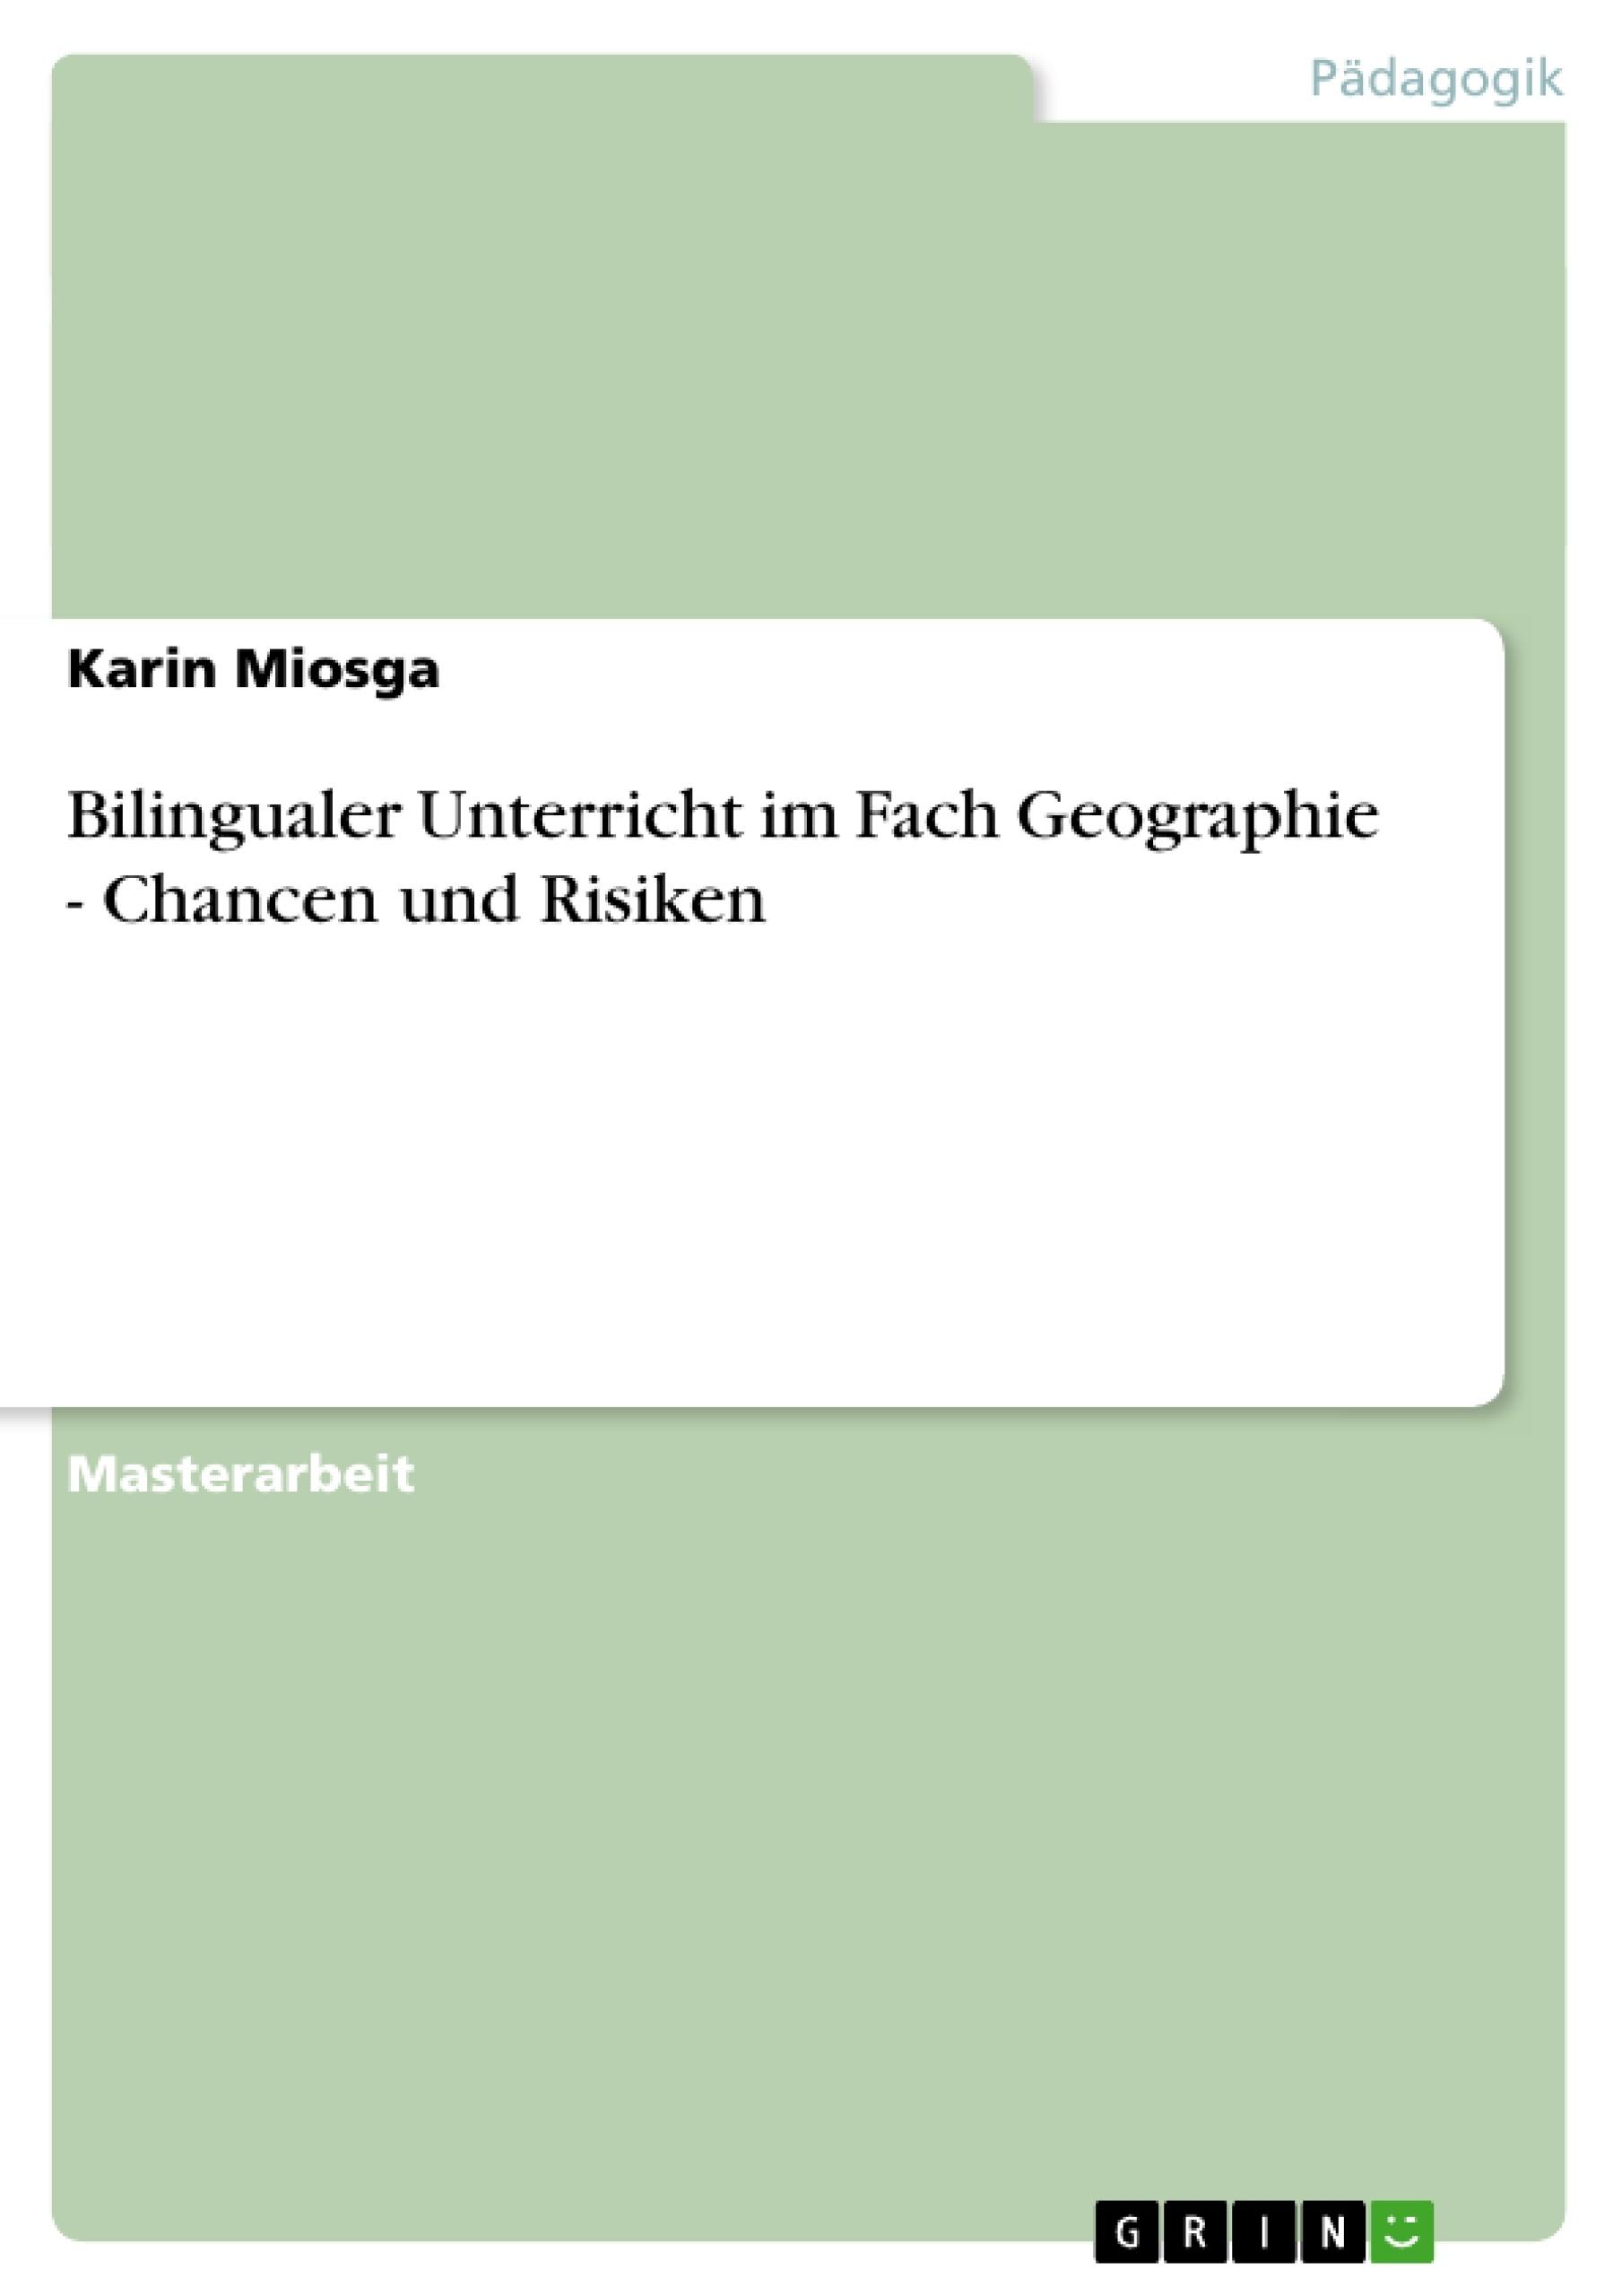 Titel: Bilingualer Unterricht im Fach Geographie - Chancen und Risiken